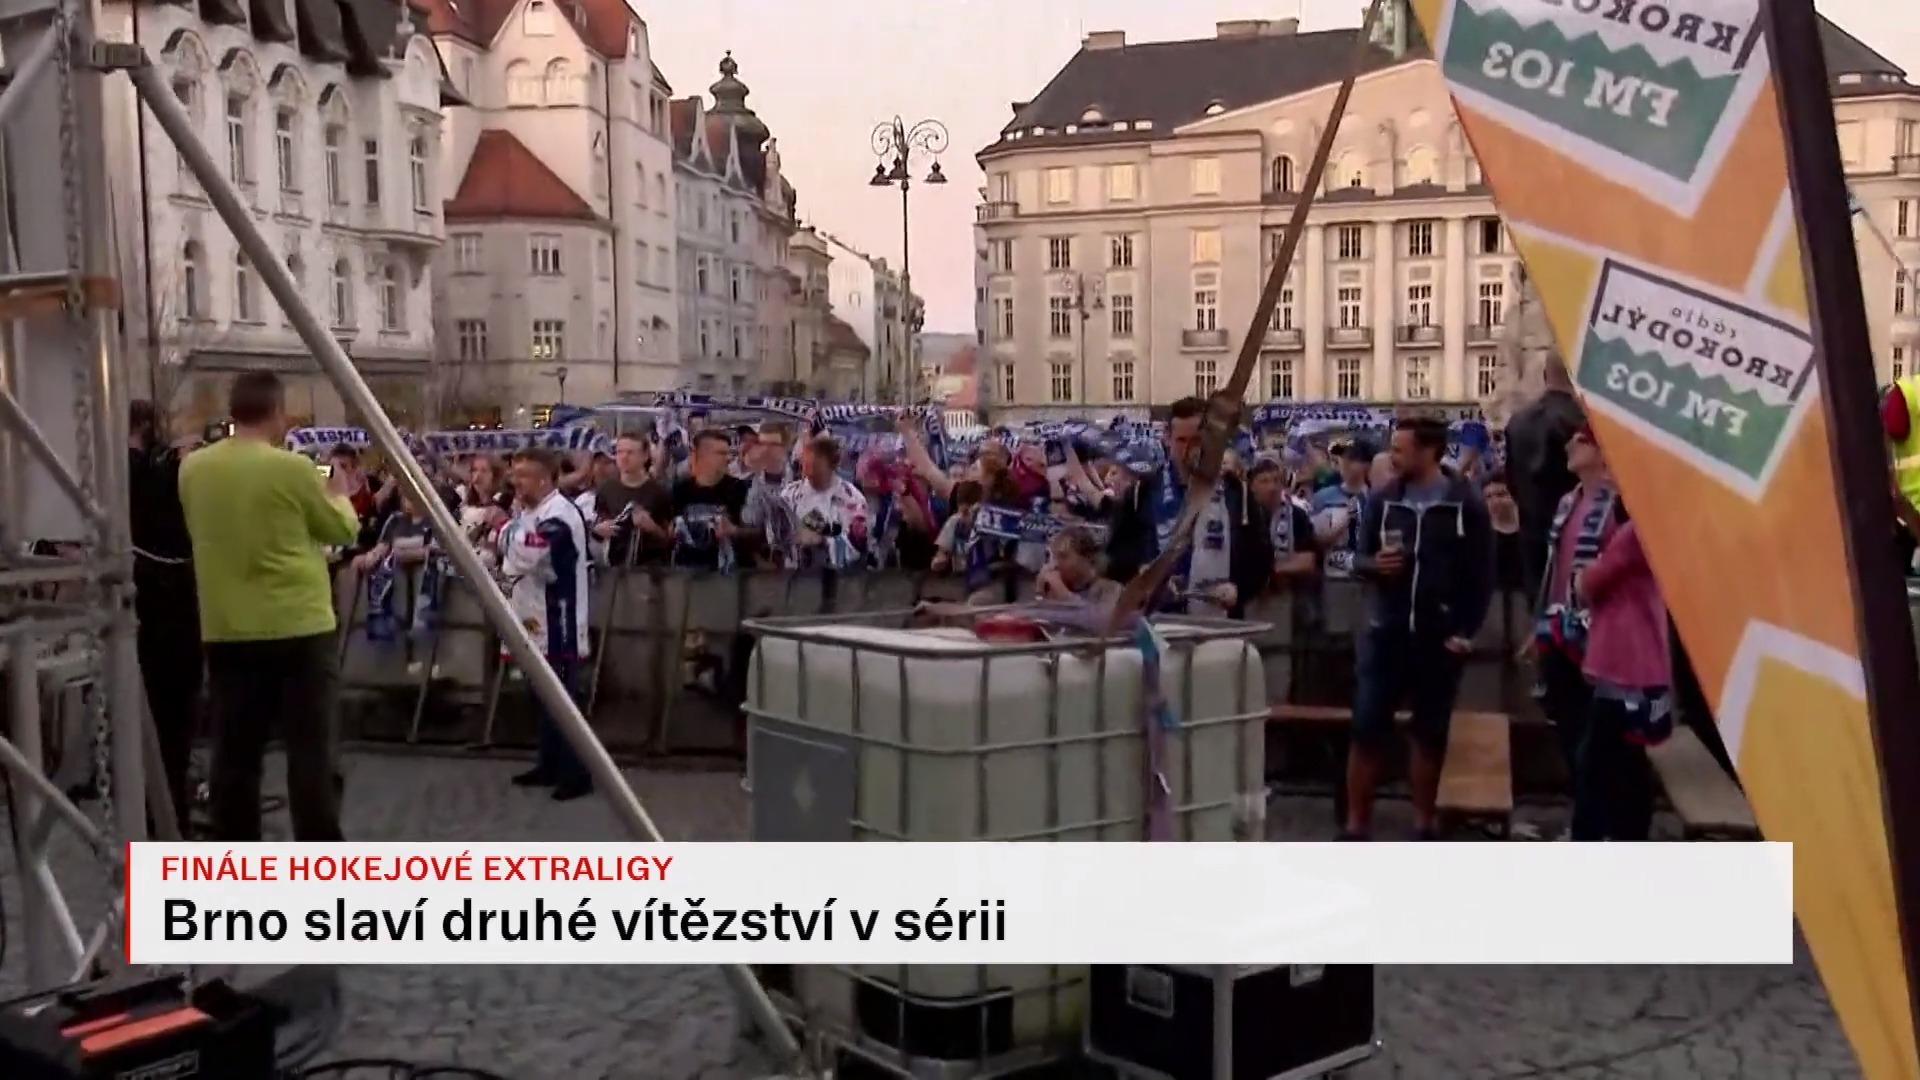 On-line: Morava žije hokejem. Brňané slavili otočení finálové série